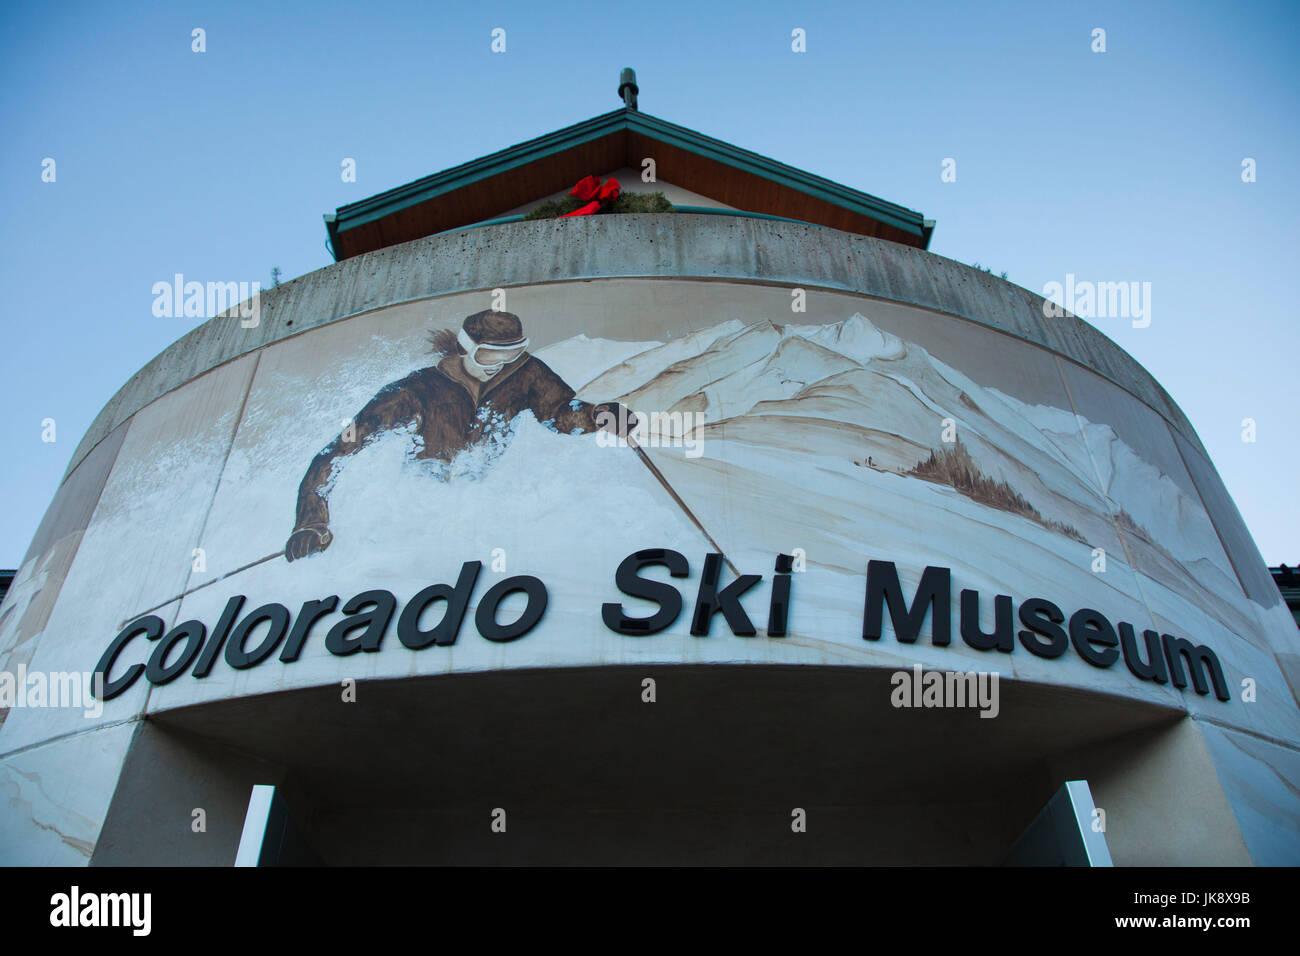 USA, Colorado, Vail, Colorado Ski Museum - Stock Image